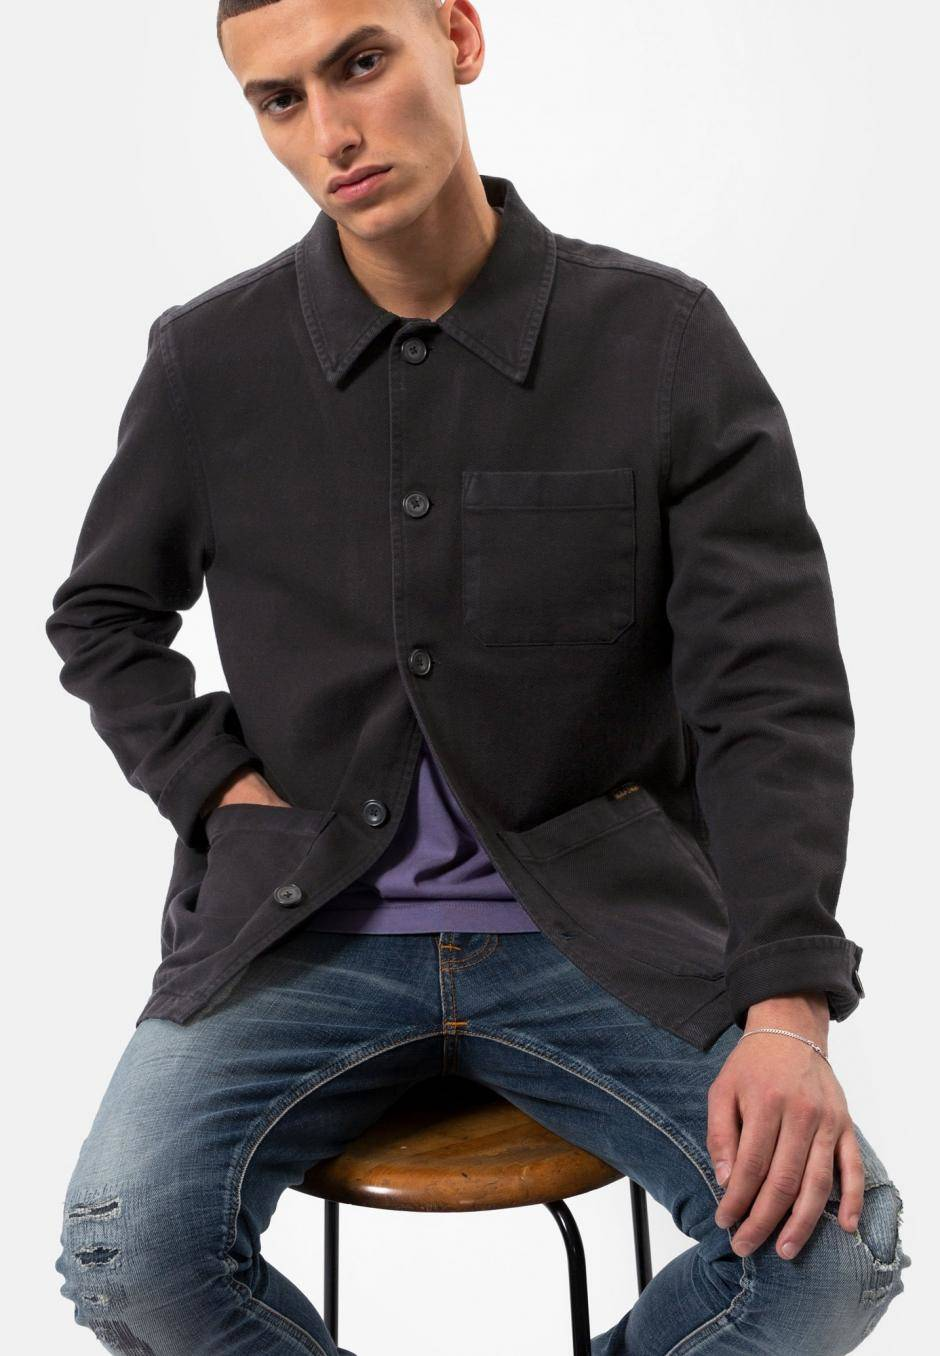 Nudie Jeans Barney Worker Jacket